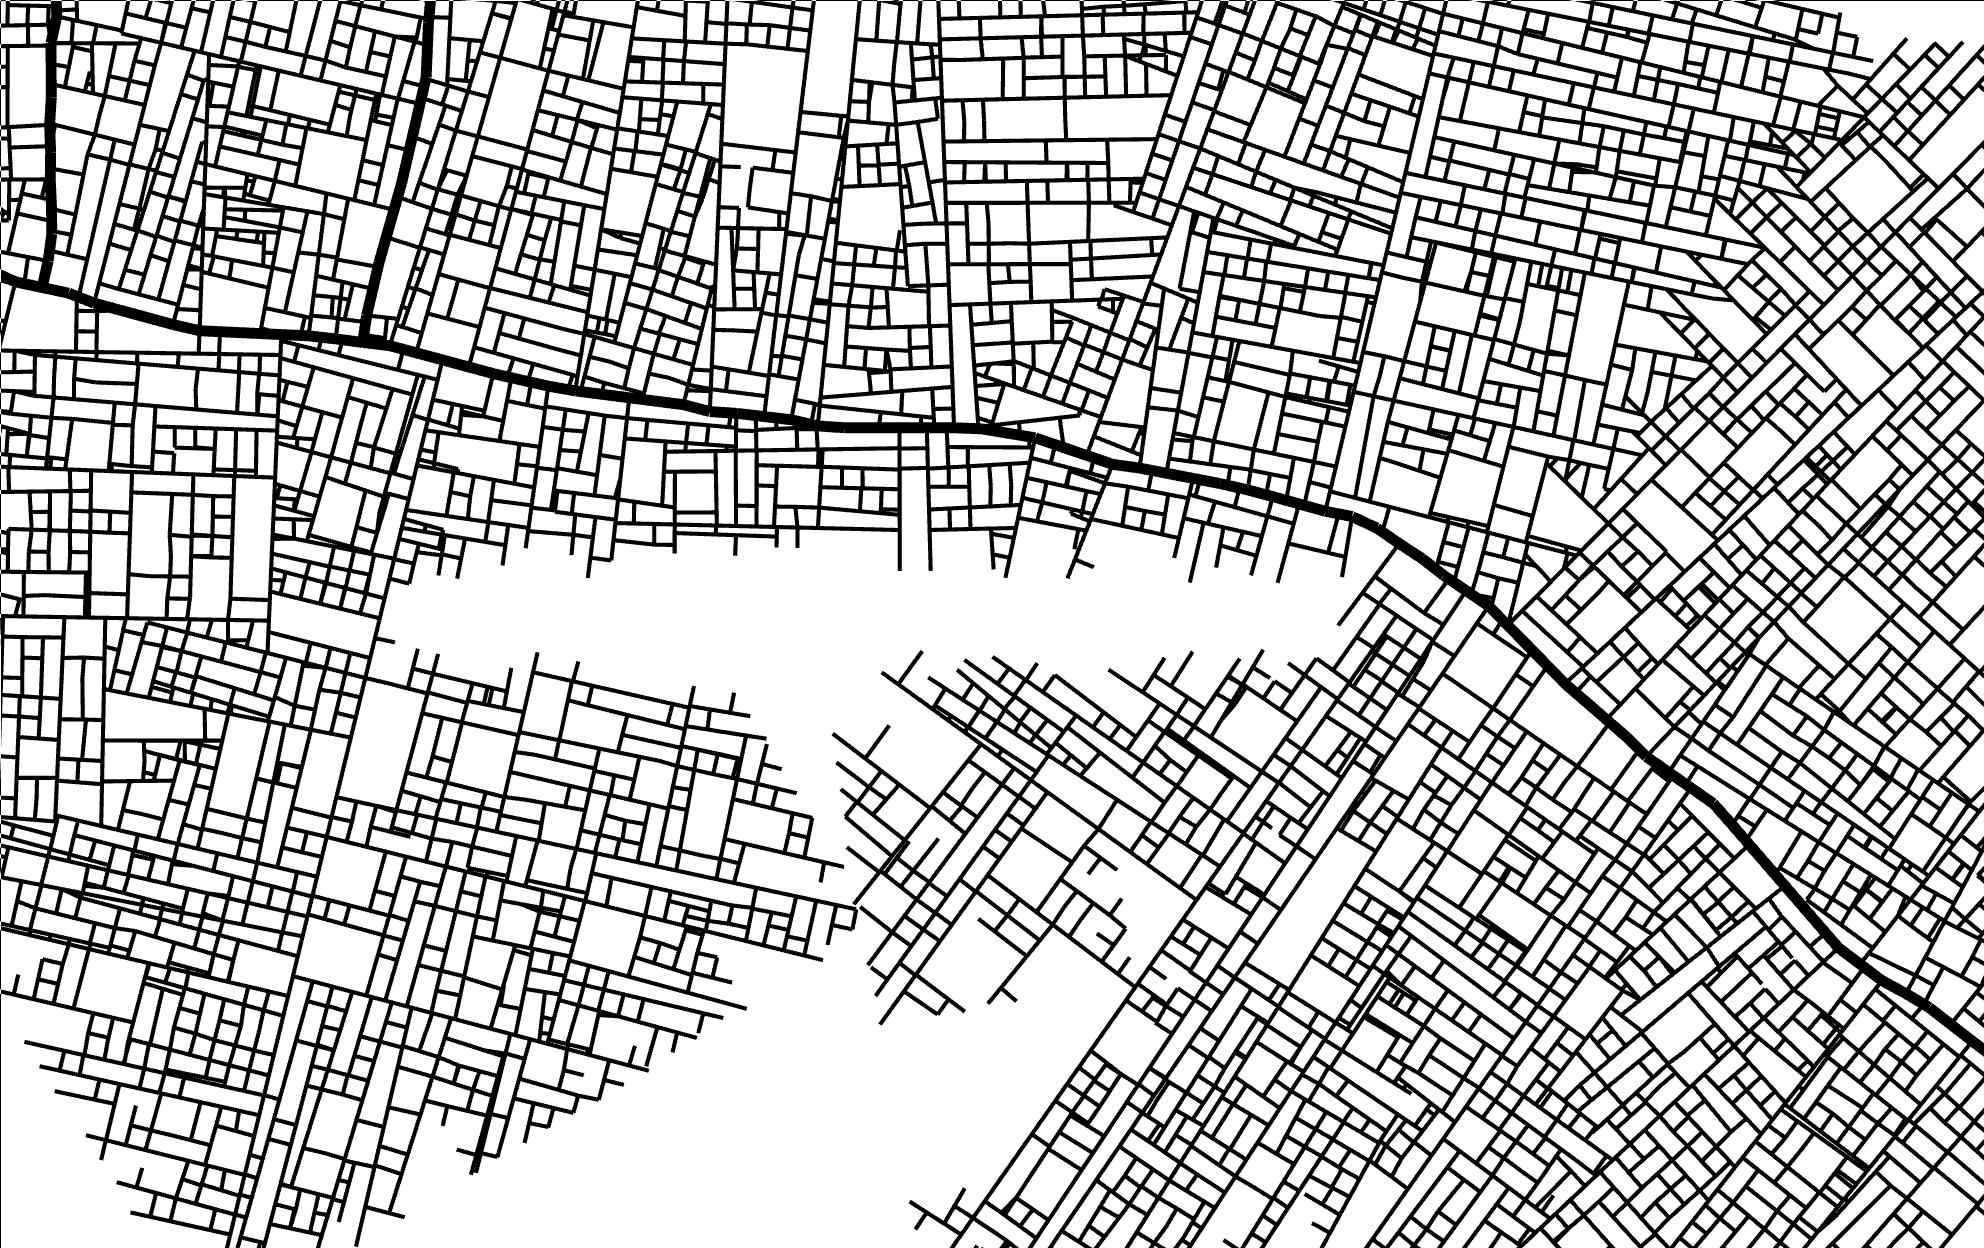 Procedural Cities